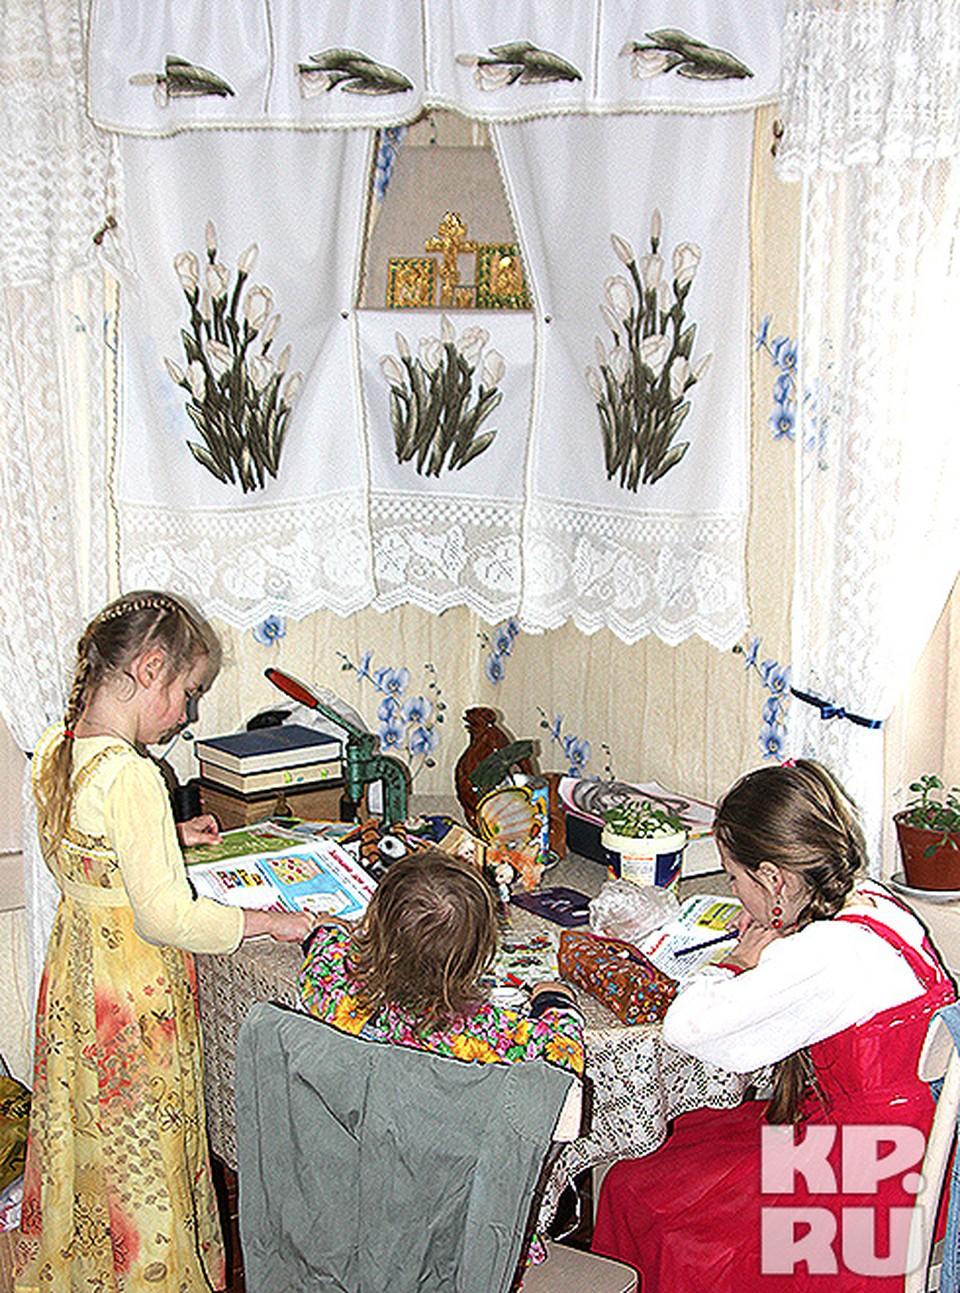 Дети Мурчевых в калужском селе Огорь — за уроками